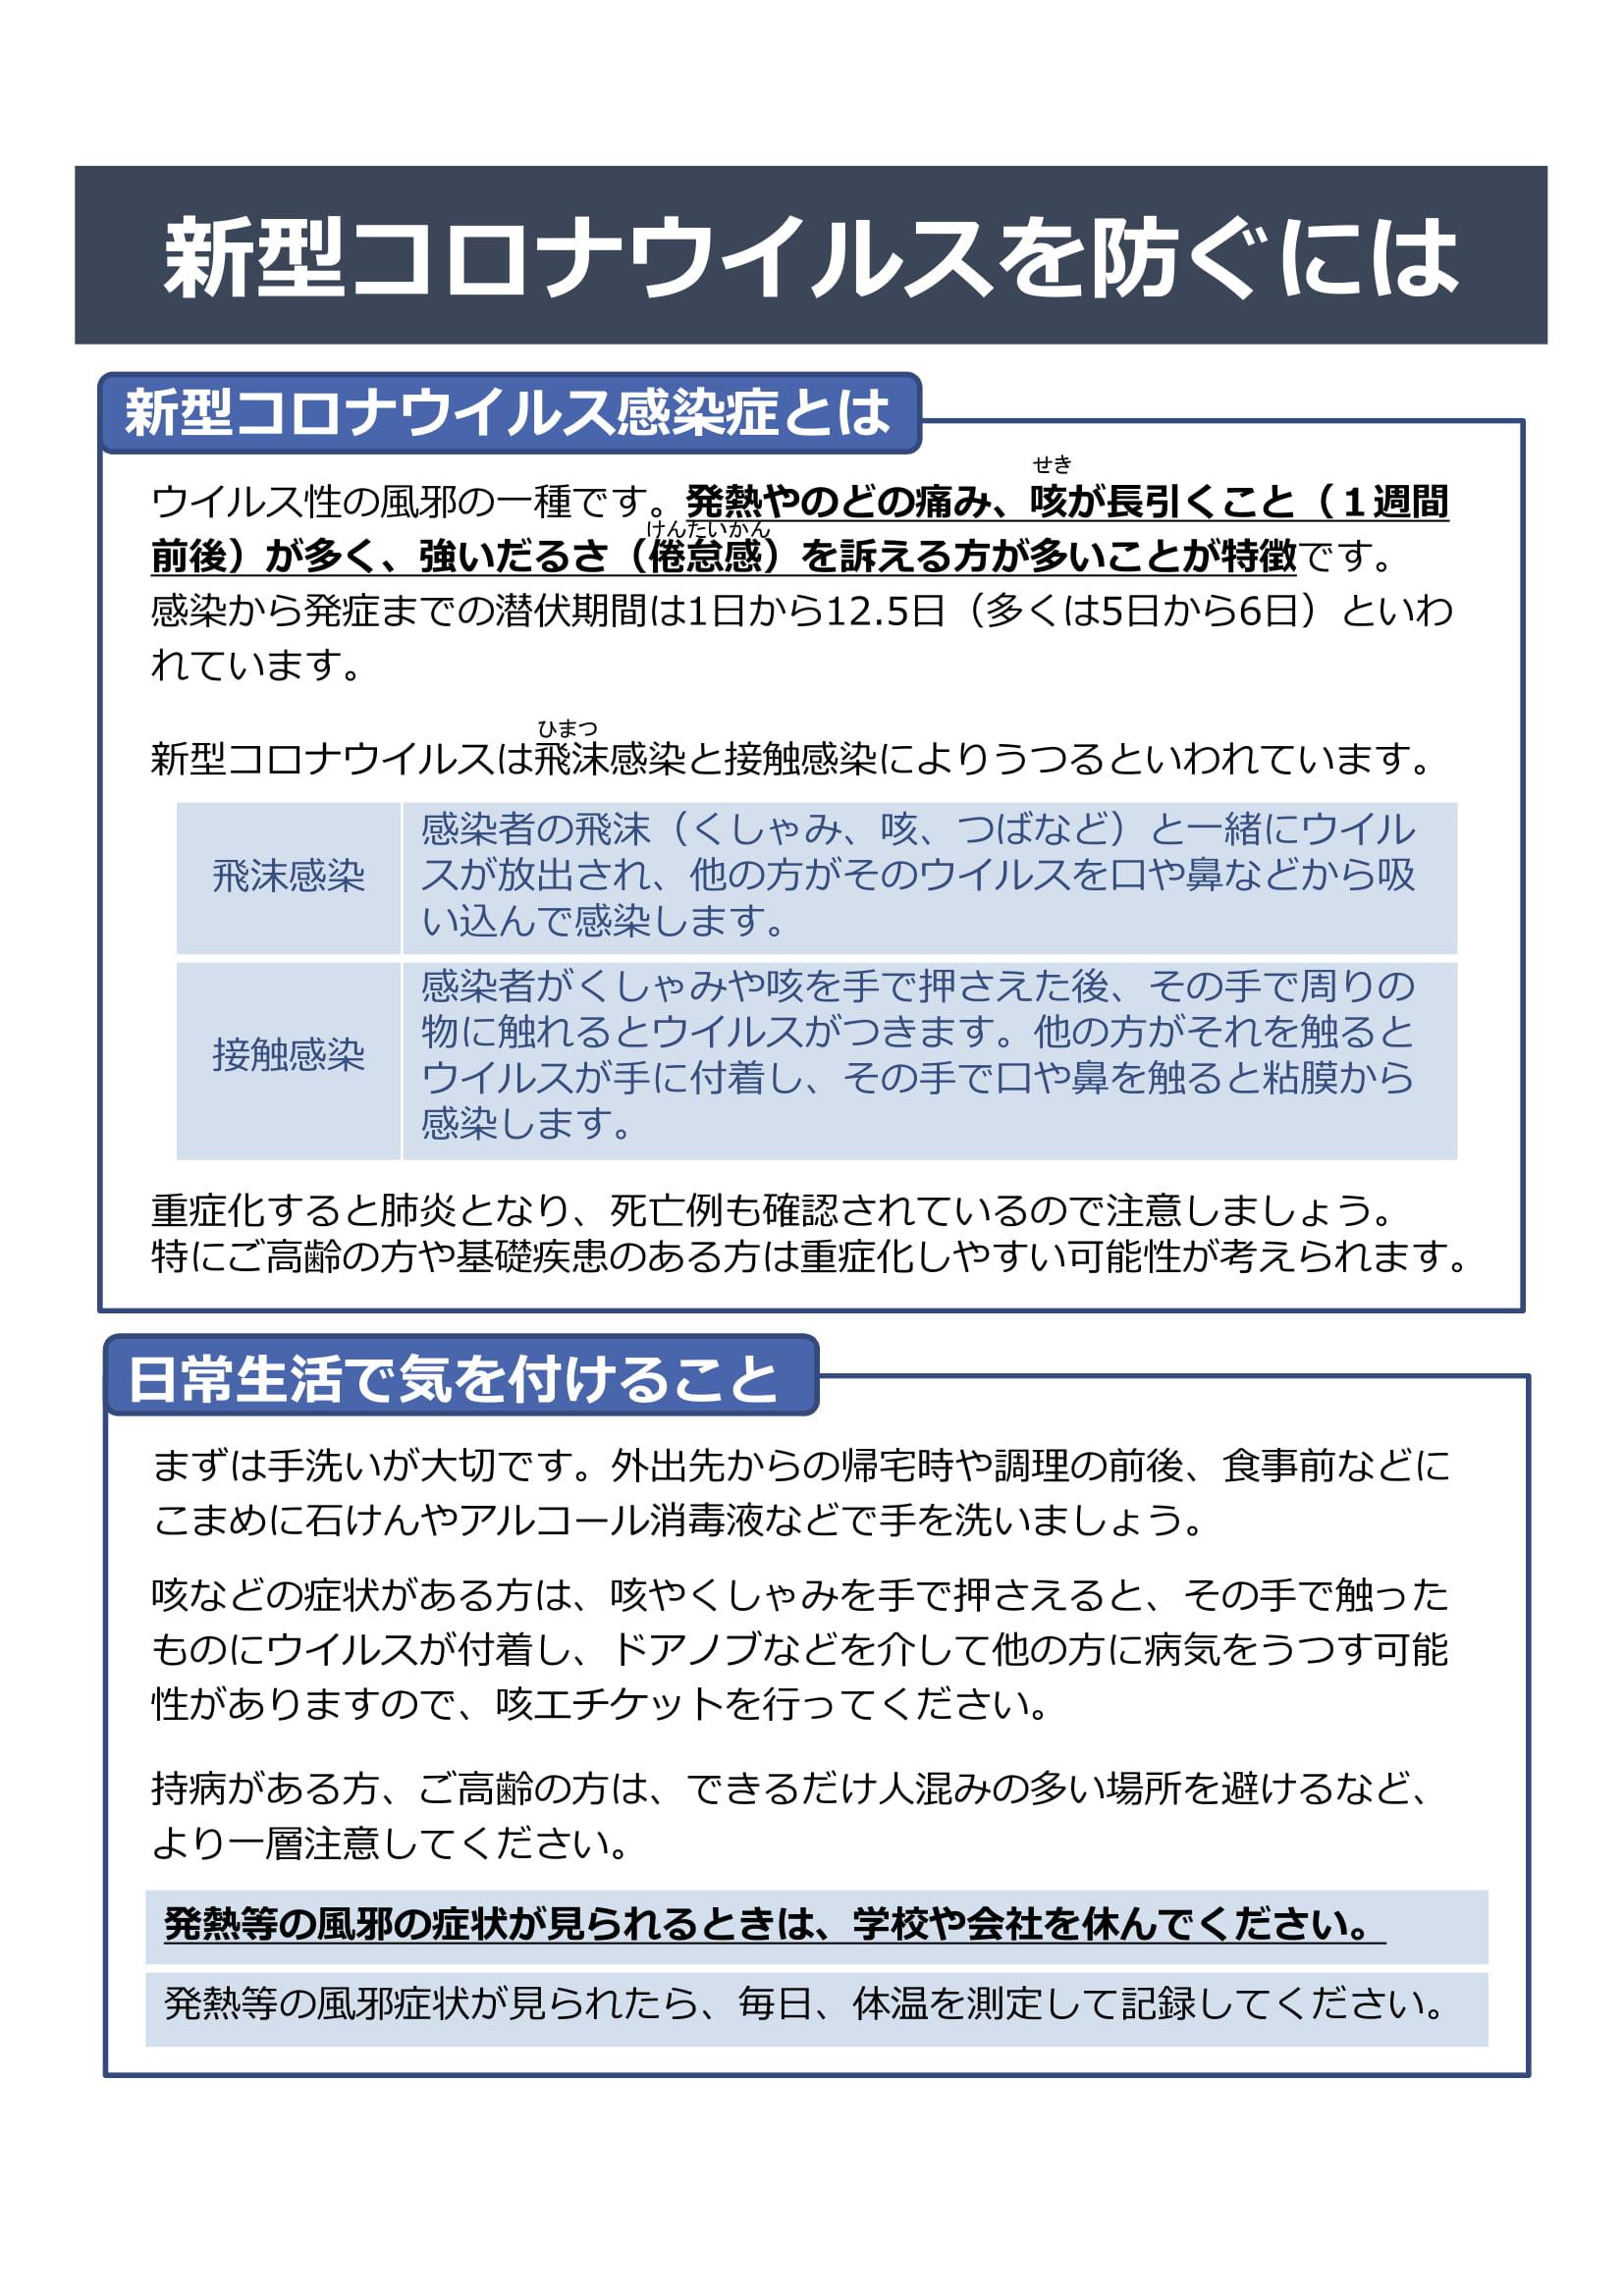 青森 県 コロナ 感染 者 最新